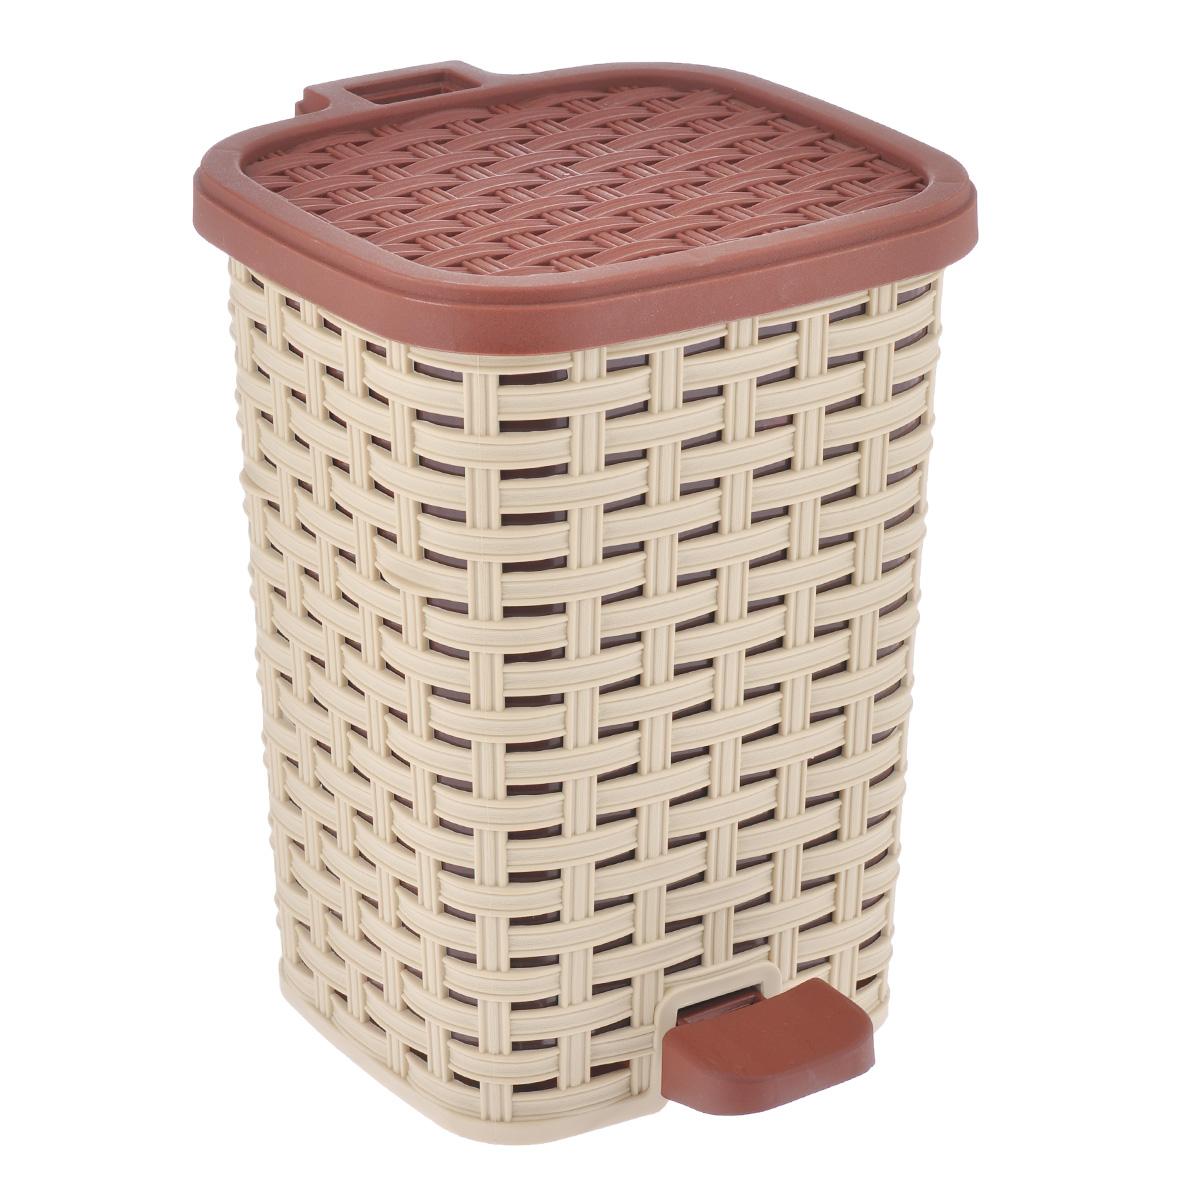 Ведро для мусора Dunya Plastik Раттан, с педалью, цвет: бежевый, коричневый, 6 л1052Ведро для мусора Dunya Plastik Раттан, выполненное из прочного пластика, обеспечит долгий срок службы и легкую чистку. Ведро поможет вам держать мелкий мусор в порядке и предотвратит распространение неприятного запаха. Откидная пластиковая крышка открывается и закрывается при помощи педали. Изделие выполнено в виде плетеной корзины с пластиковой вынимающейся емкостью для мусора внутри. Размер ведра (по верхнему краю): 19 см х 17 см. Высота (без учета крышки): 26 см. Высота (с учетом крышки): 27,5 см.